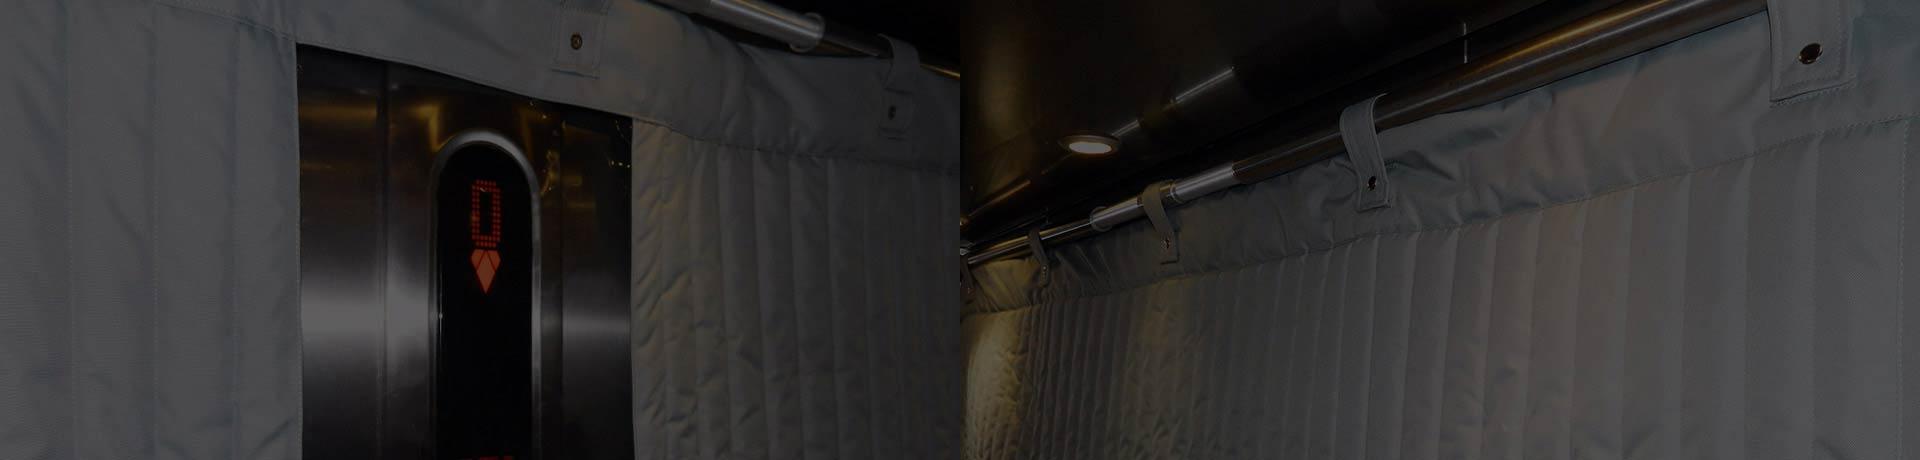 Nowoczesne systemy zabezpieczeń kabin windowych